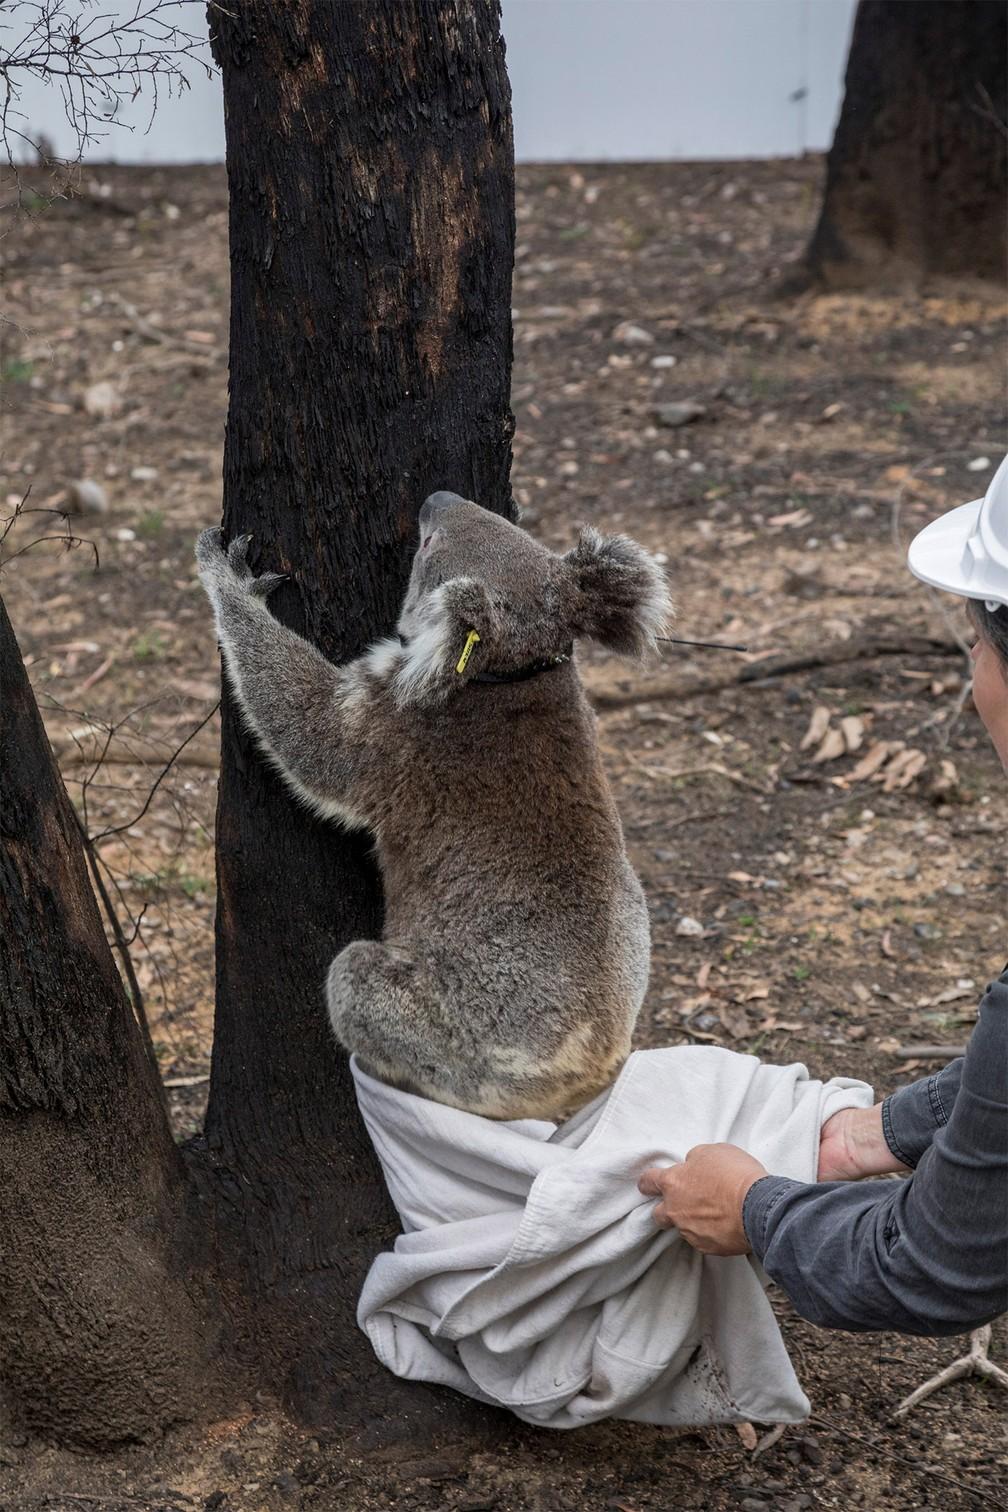 Coala resgatado em incêndio volta à natureza após 3 meses de recuperação no Parque Nacional Kanangra-Boyd, em Nova Gales do Sul, na Austrália — Foto: Science for Wildlife via Reuters